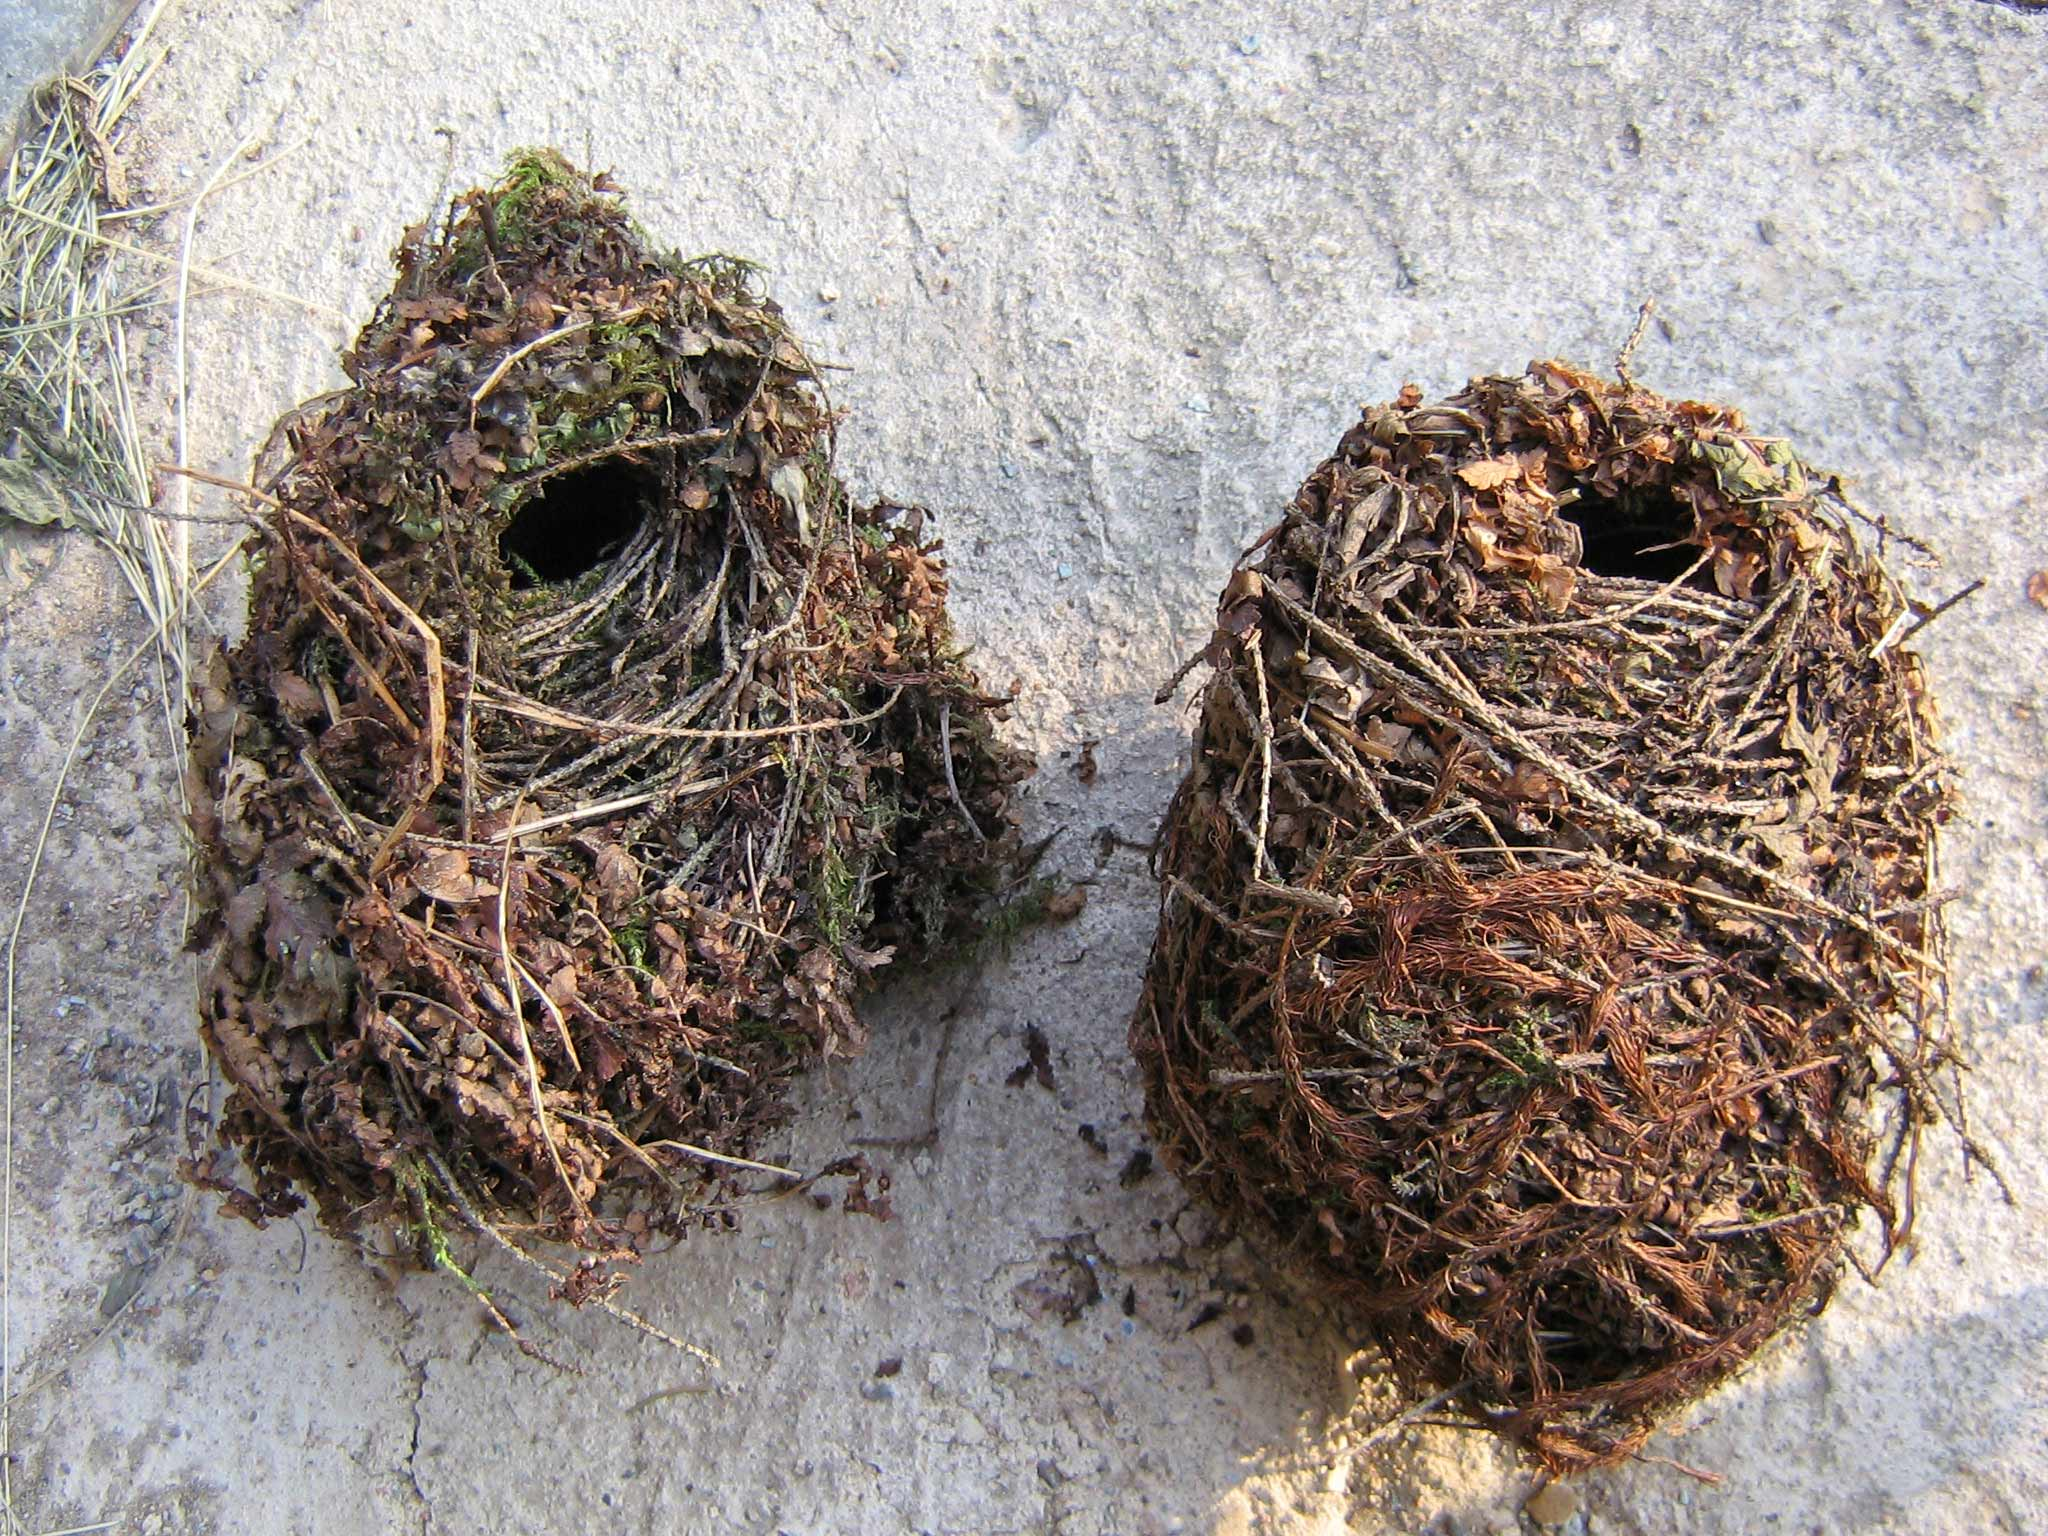 Старые гнезда крапивников. Московская область, Солнечногорский р-н, июнь 2007 Автор фото: Кудрявцева Татьяна